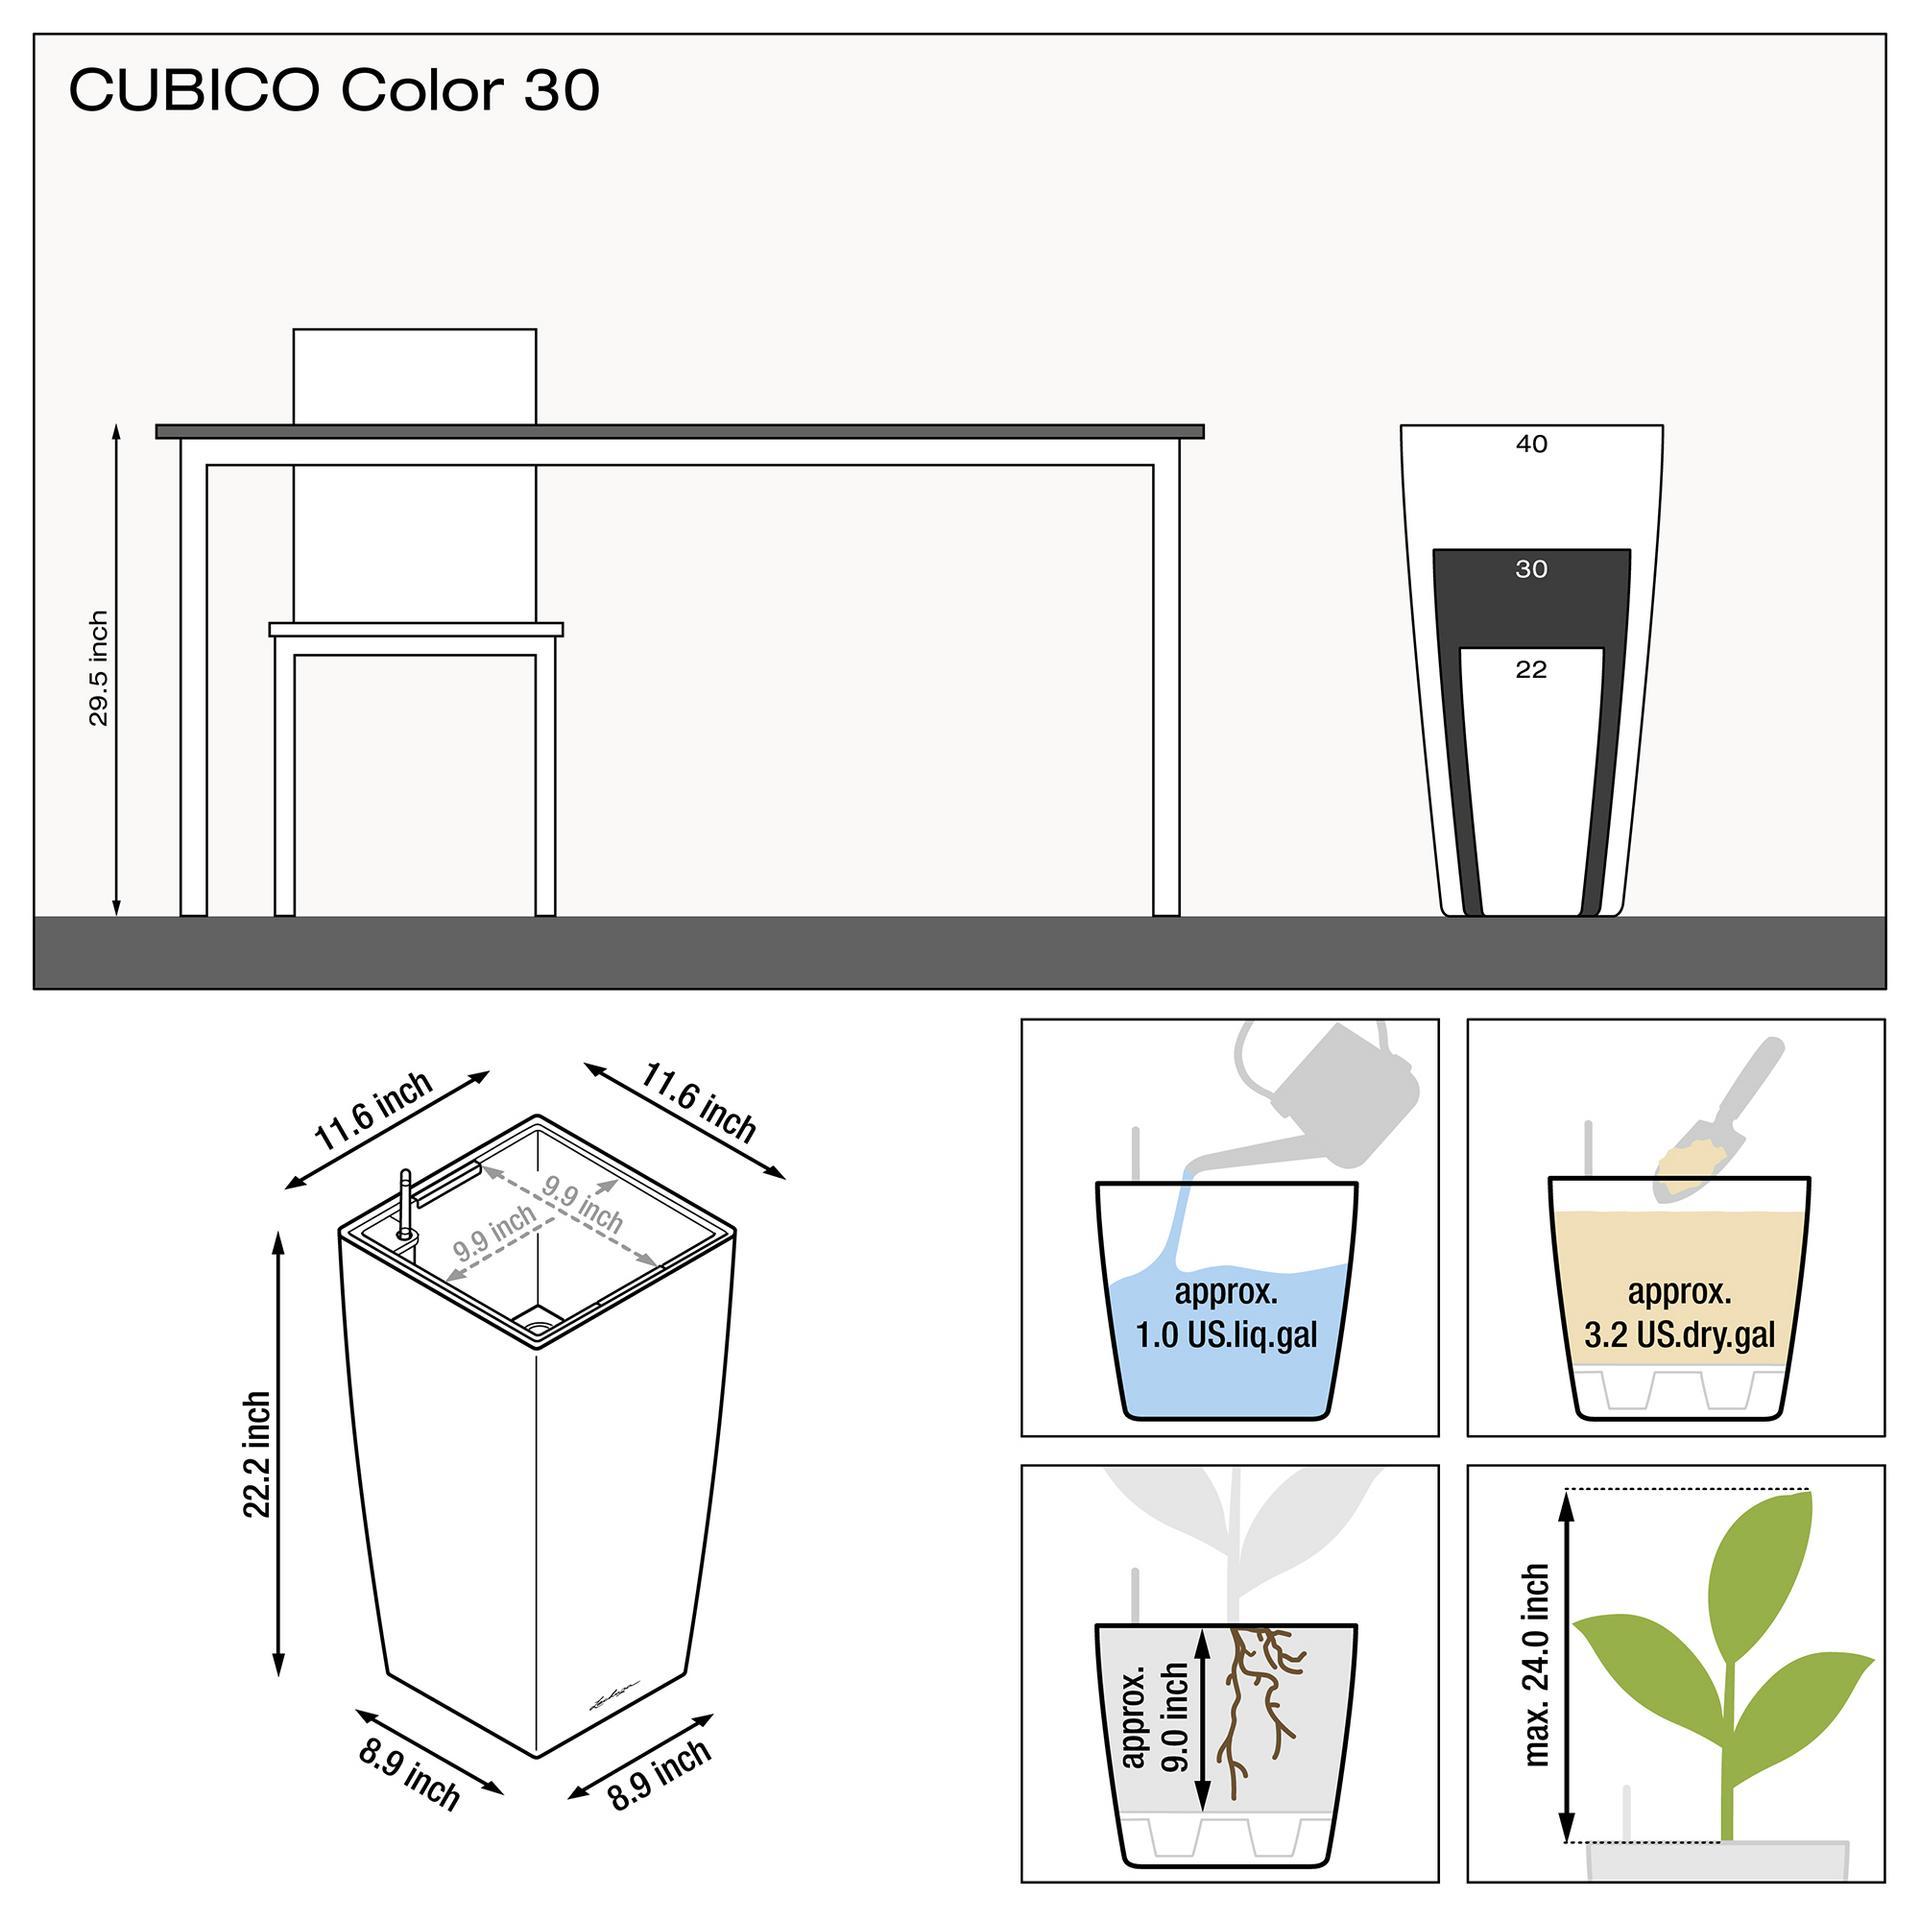 le_cubico-color30_product_addi_nz_us